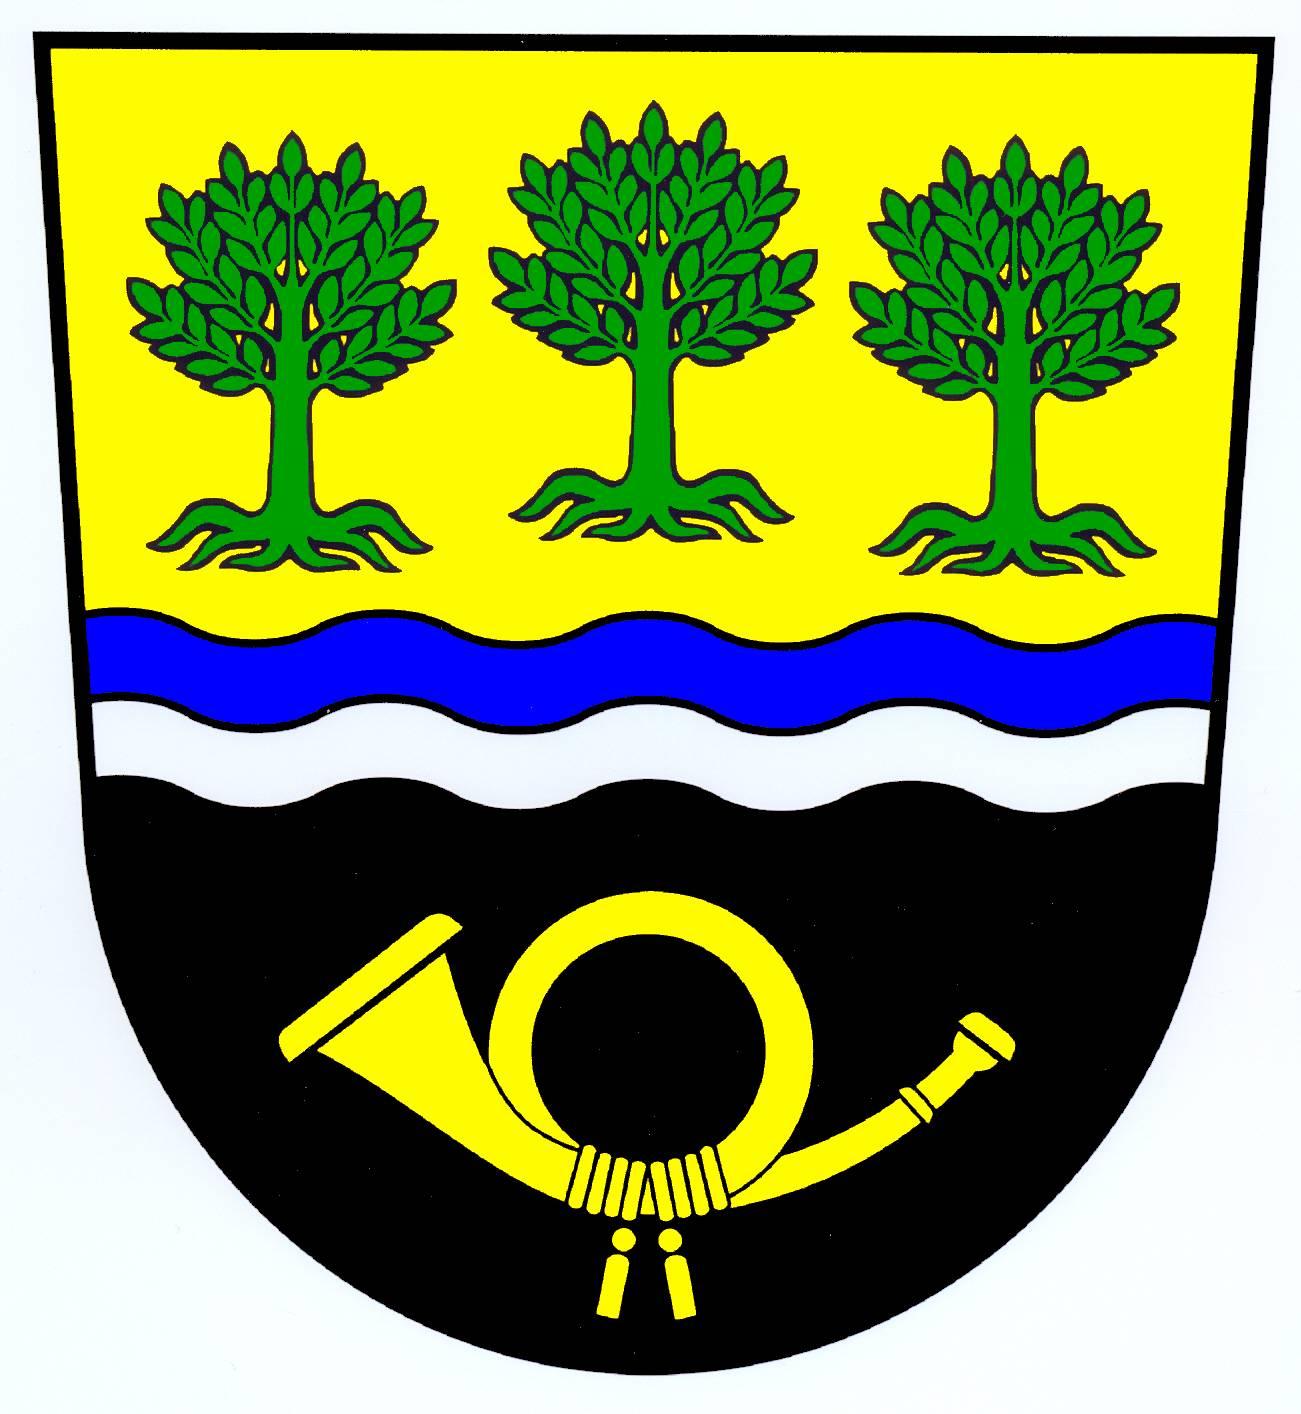 Wappen GemeindeSchönberg, Kreis Herzogtum Lauenburg